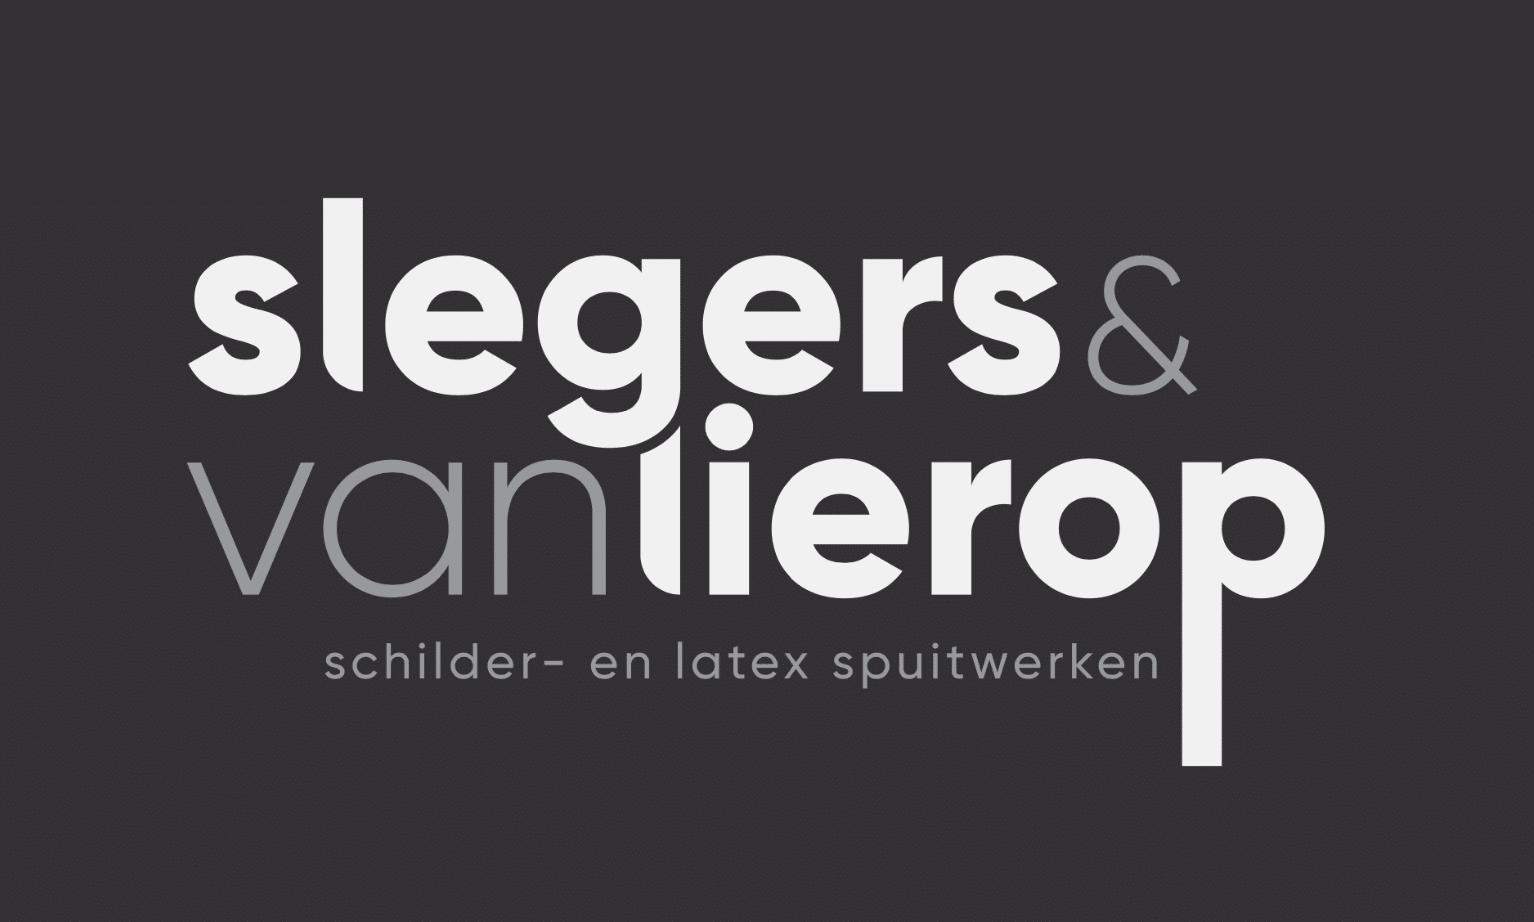 Slegers & Van Lierop Schilderwerken